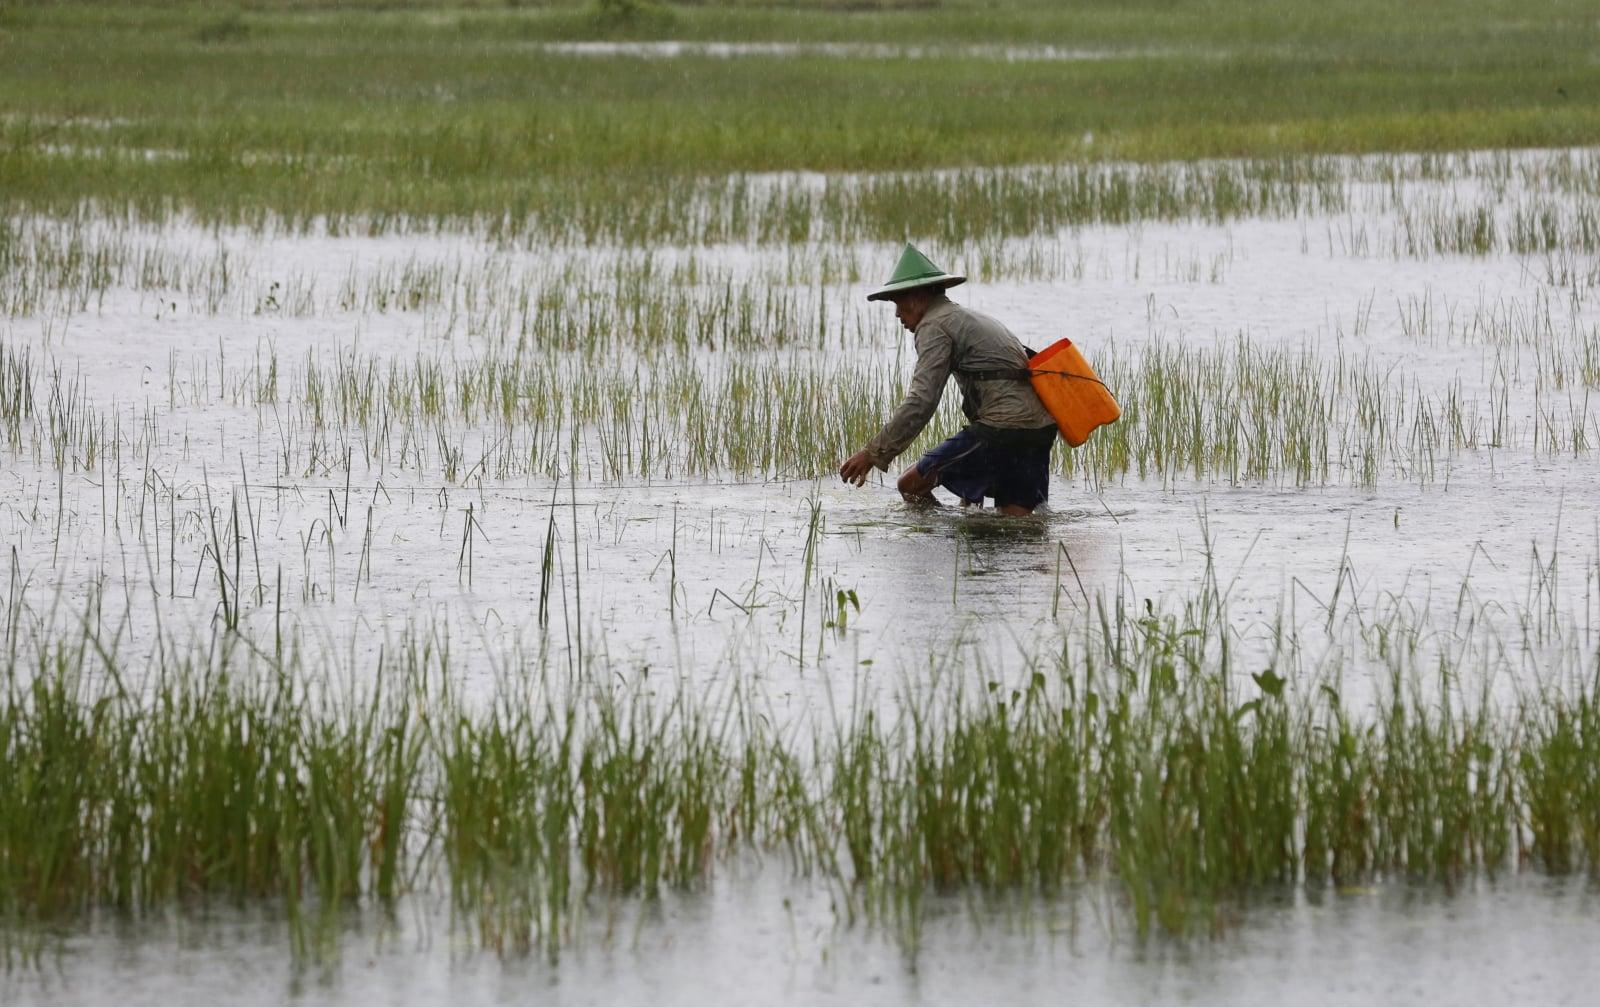 Powodzie w Mjanmnie. fot. EPA/LYNN BO BO